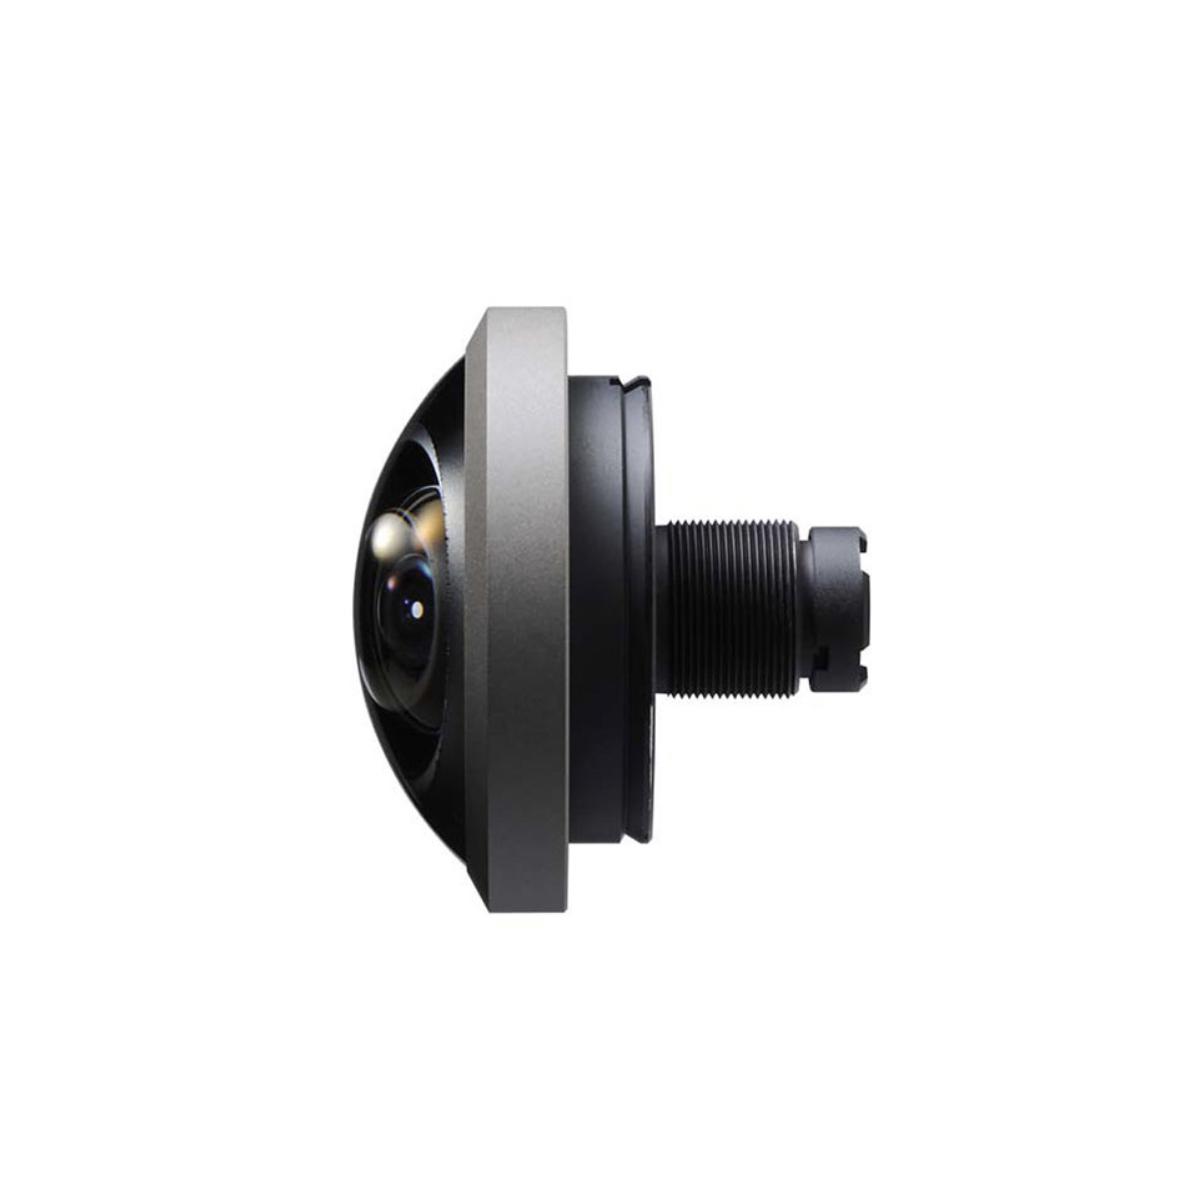 Entaniya 220 M12 4K lens image